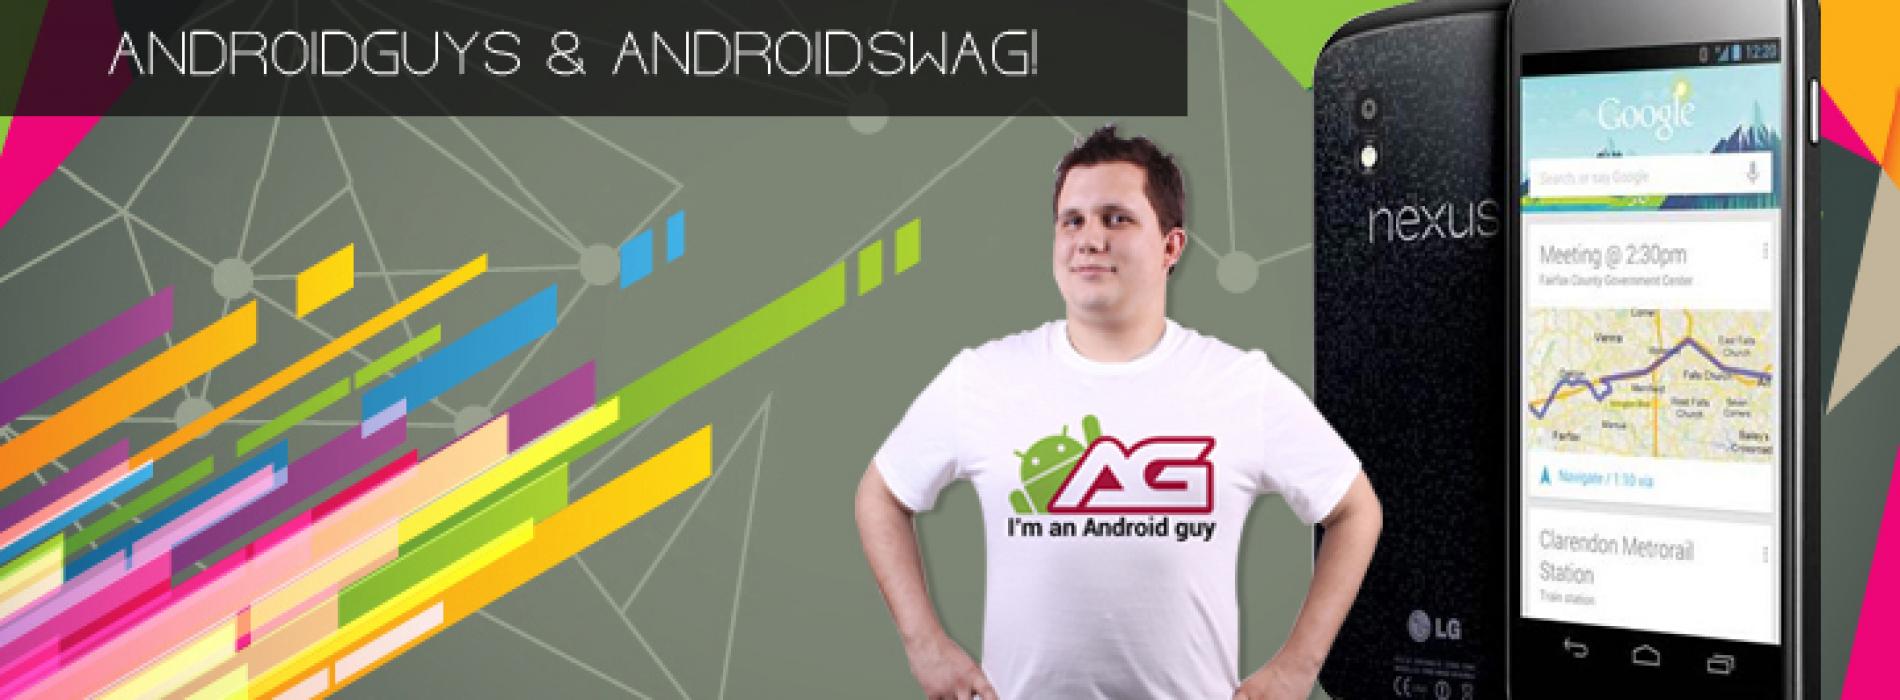 Nexus 4 Giveaway